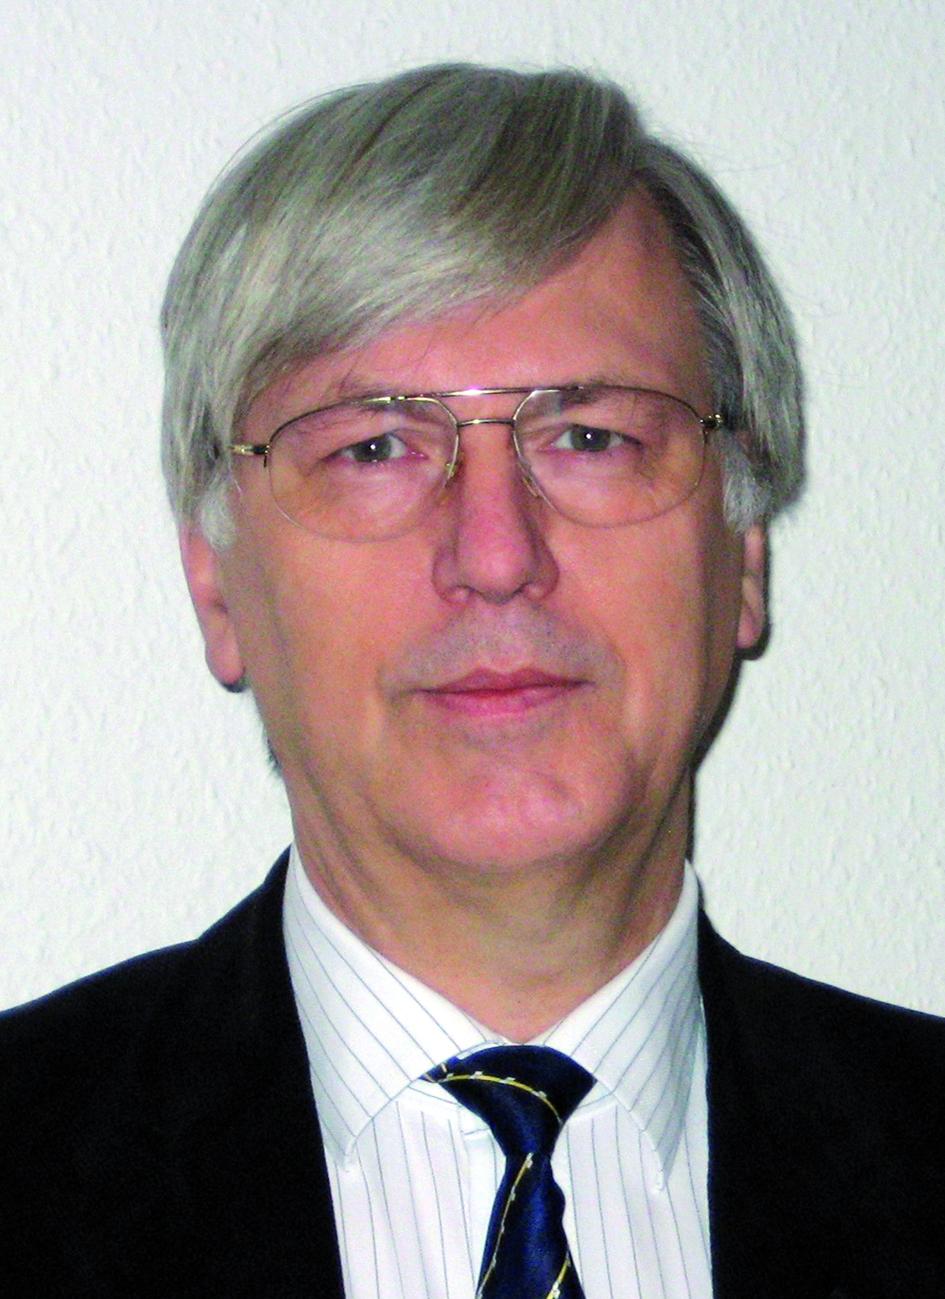 Portraitfoto von Herrn Uwe Ewert.